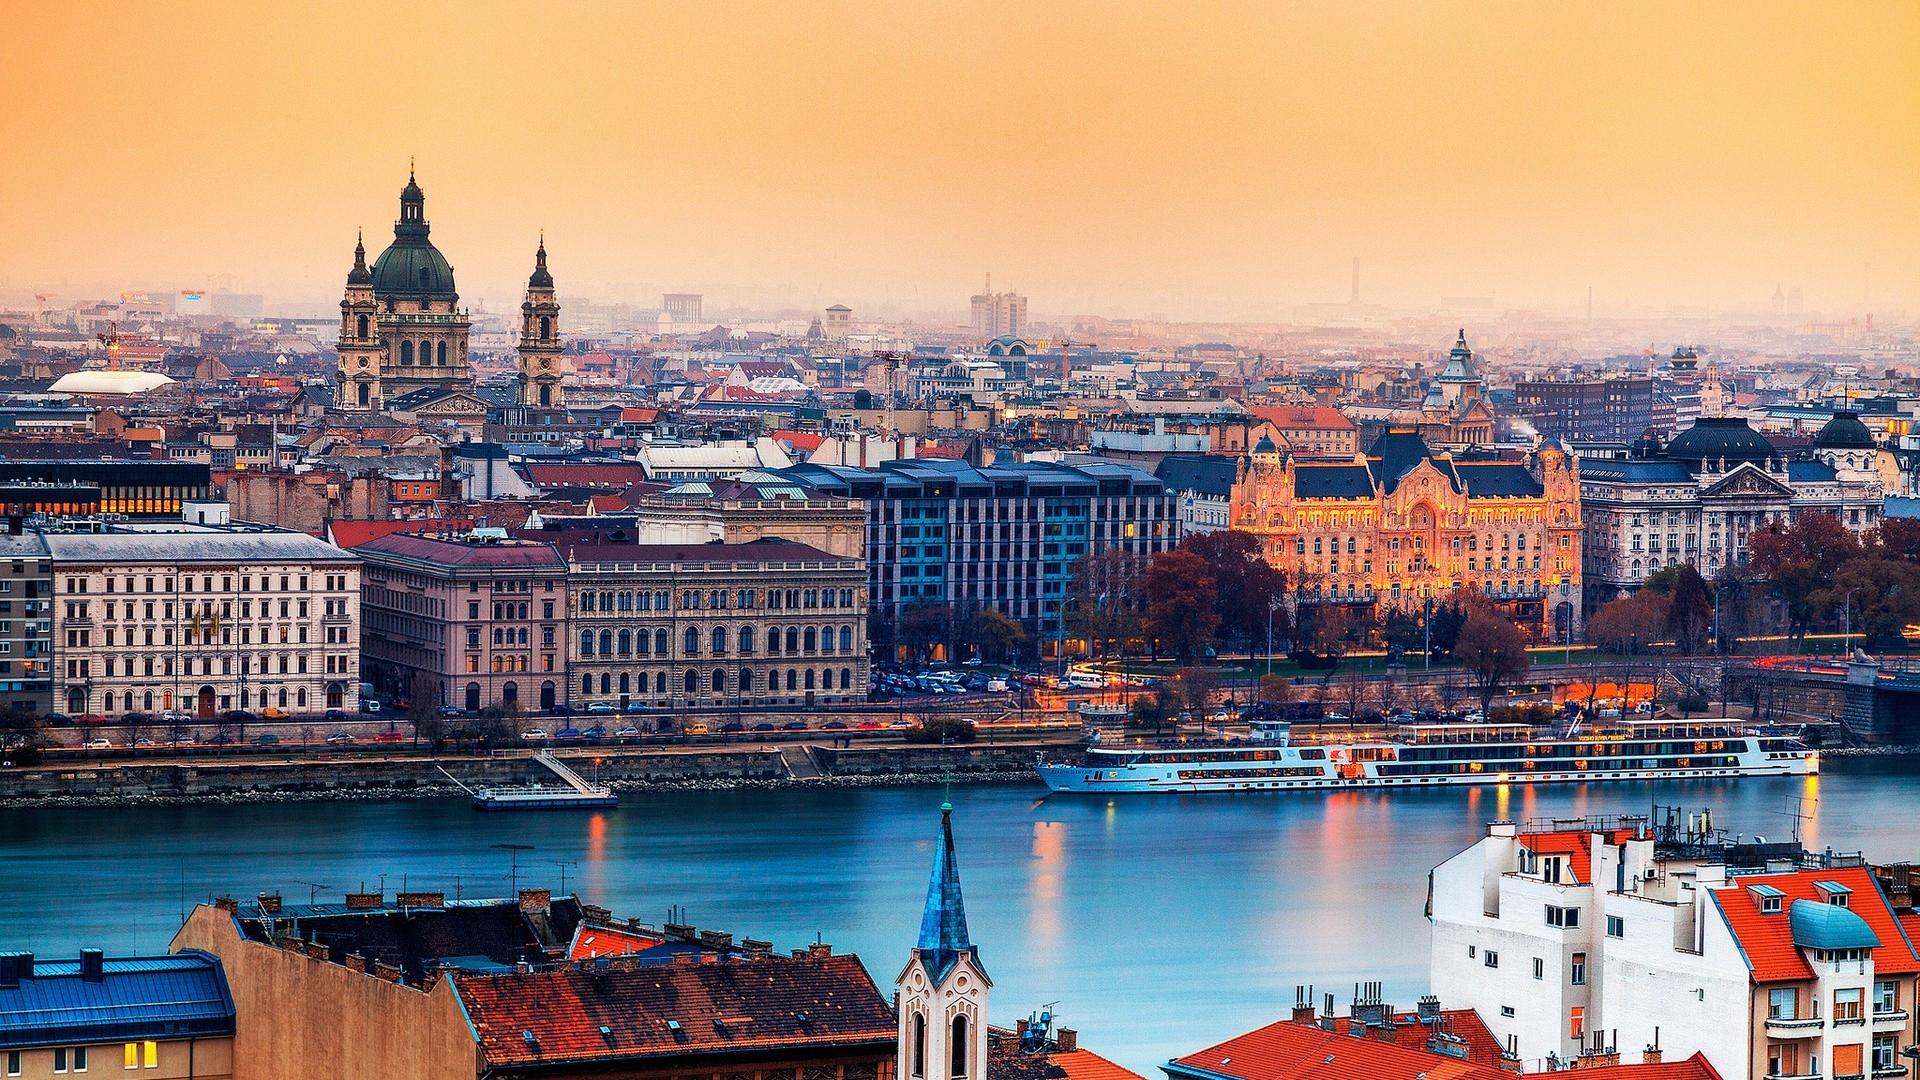 budapest_hungary_st_stephens_basilica_buildings_sky_69299_1920x1080